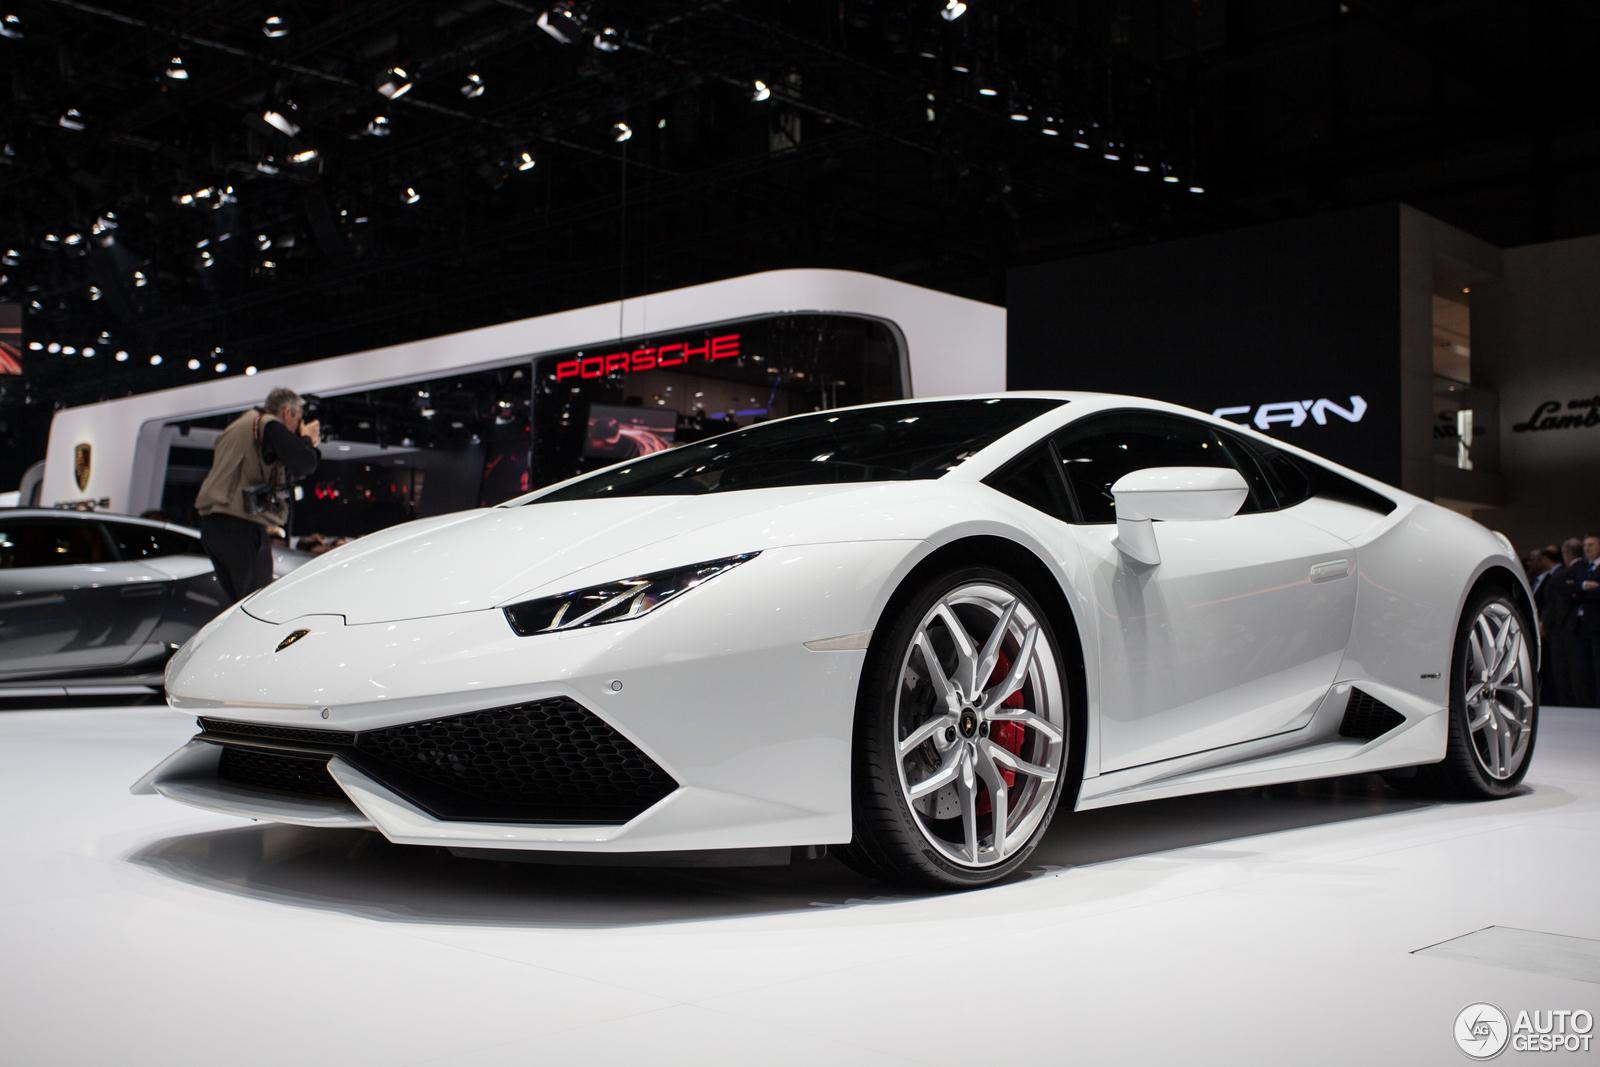 genve 2014 lamborghini huracn lp610 4 - Lamborghini Huracan Matte White